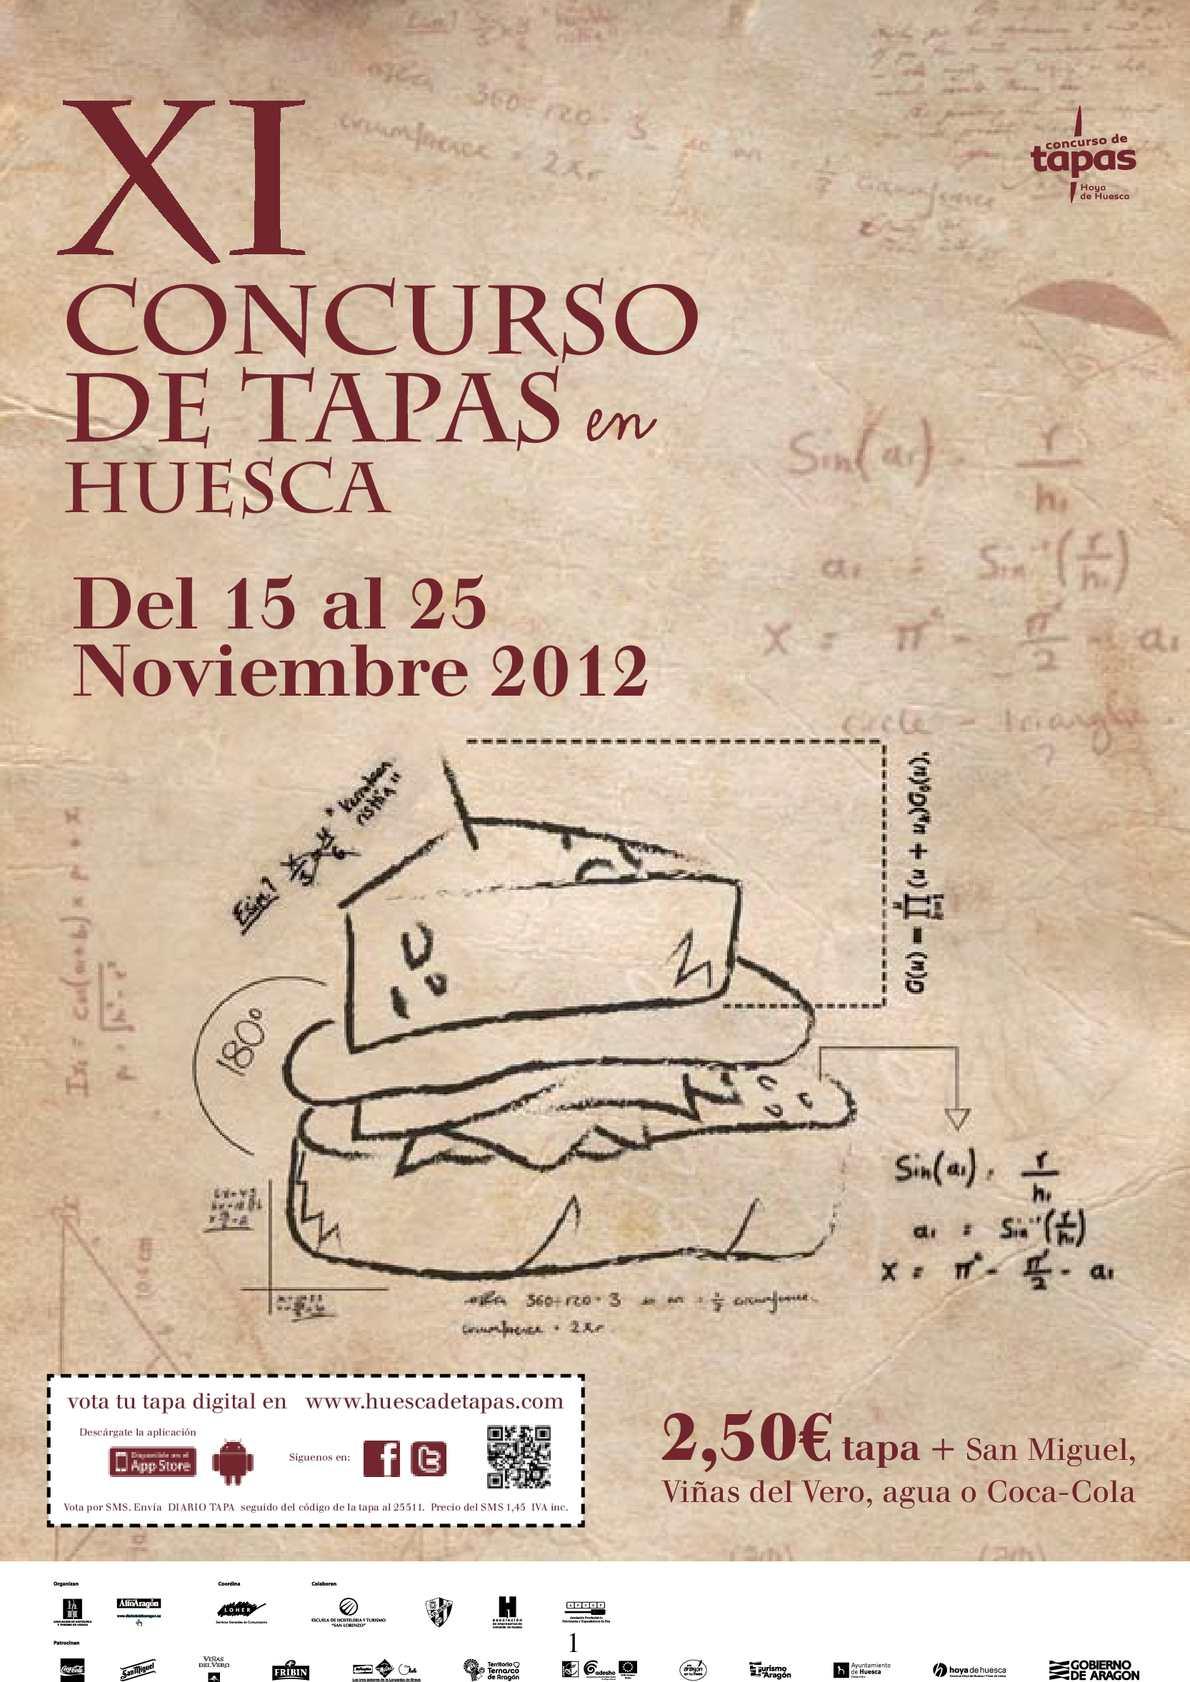 Calaméo - Dossier XI Concurso de Tapas en Huesca 10b68001345da